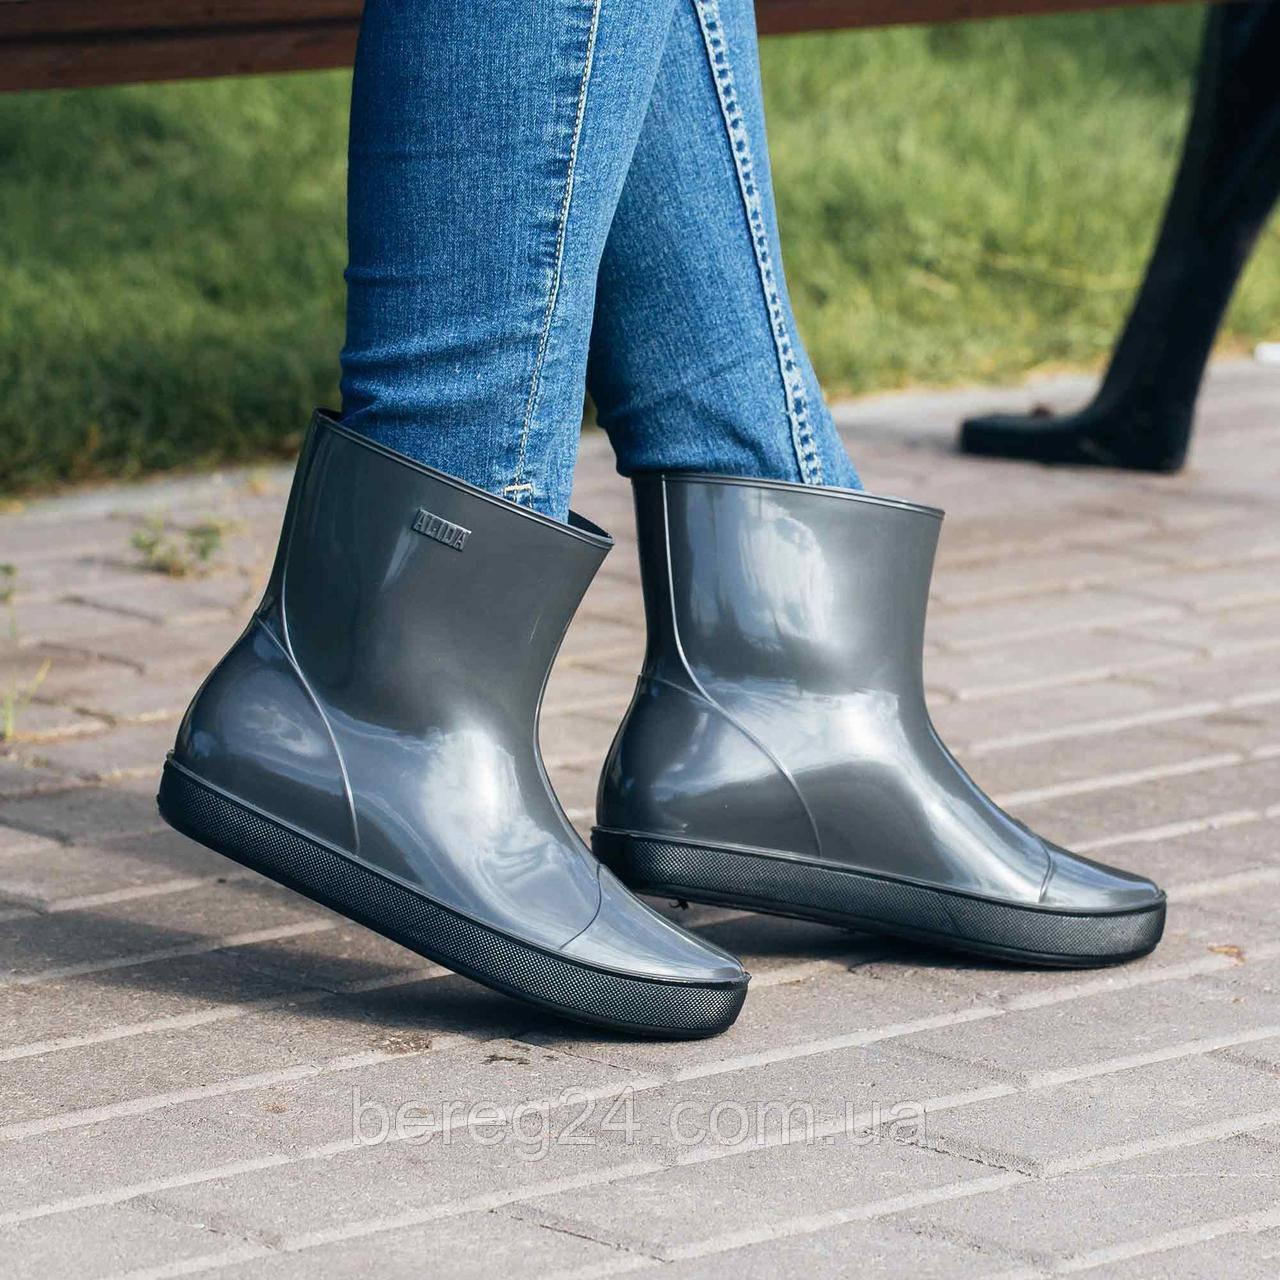 Женские резиновые сапоги (ботинки, ботильоны) Nordman Alida (Алида) серые. Размер 40